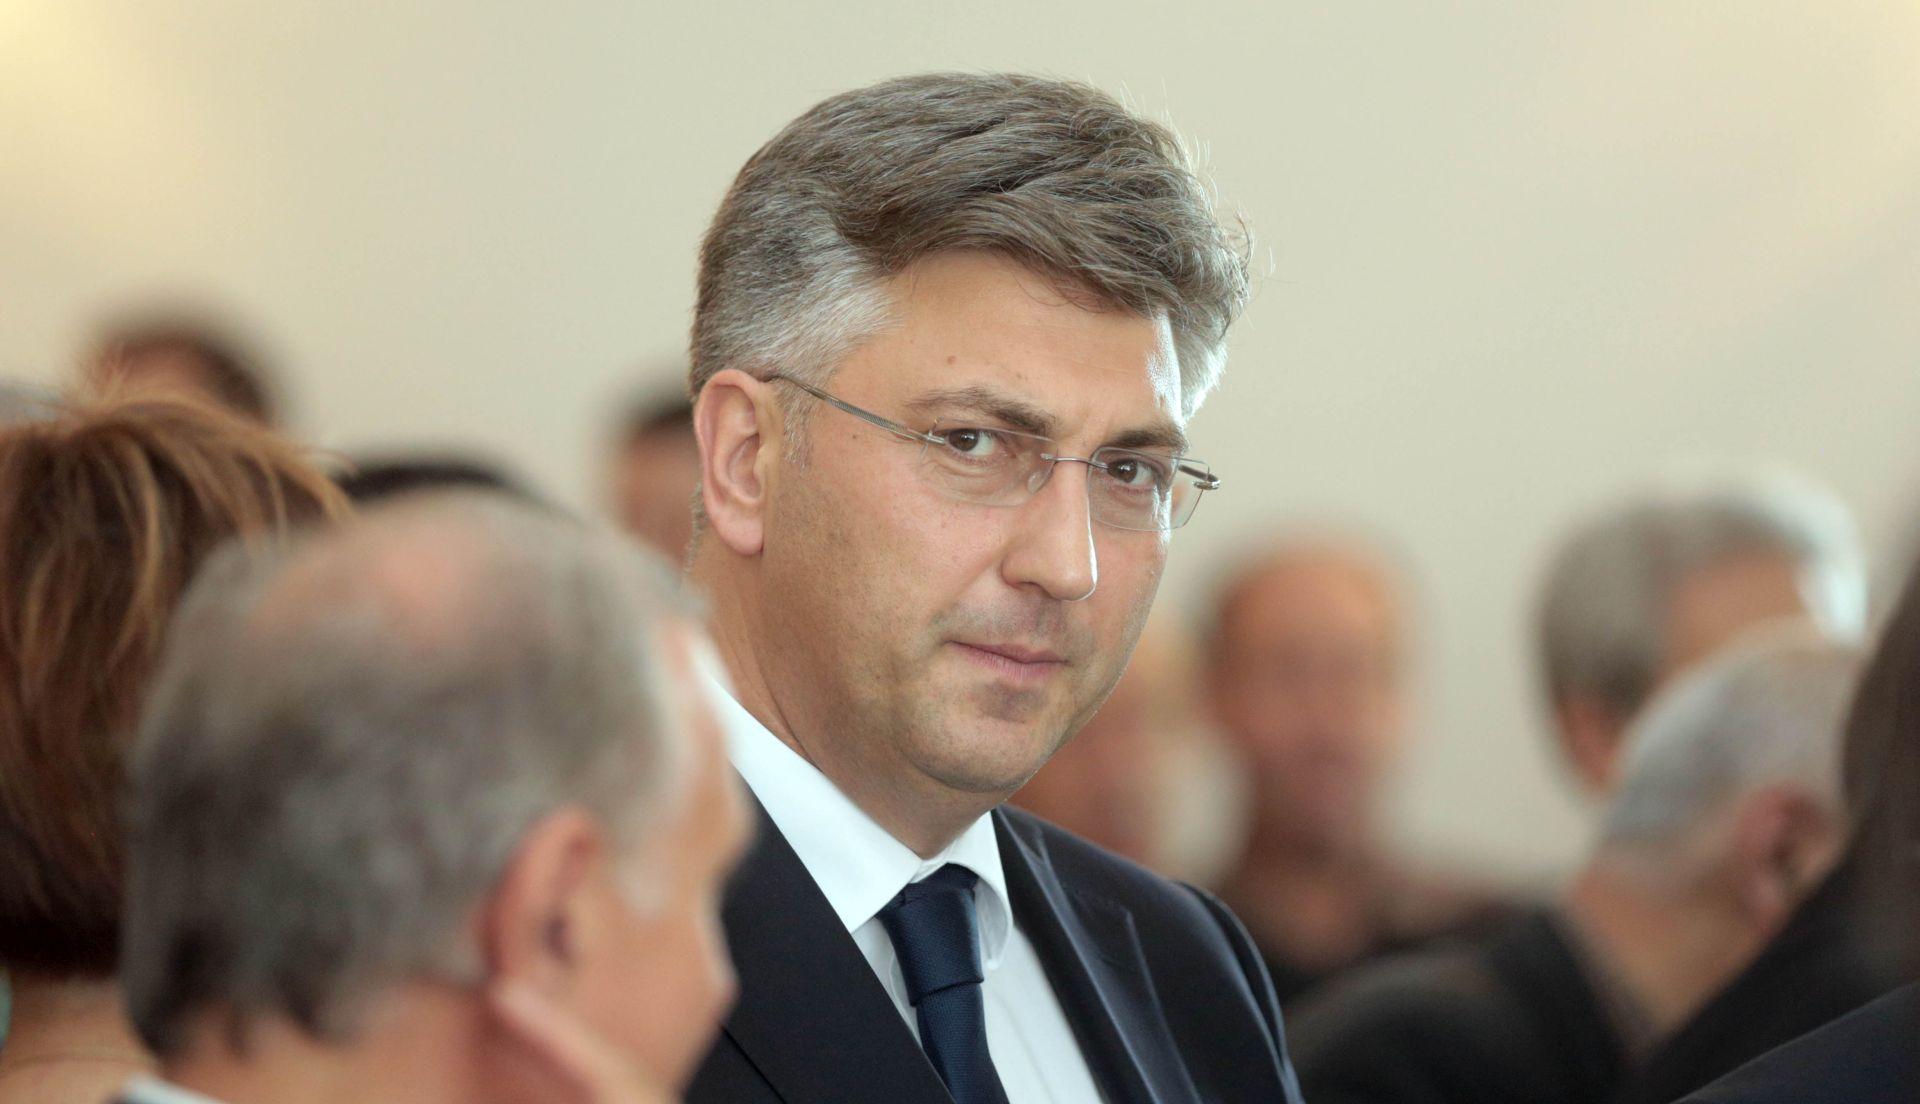 CRO DEMOSKOP: HDZ povećao prednost ispred SDP-a, Plenković najpozitivniji i najnegativniji političar